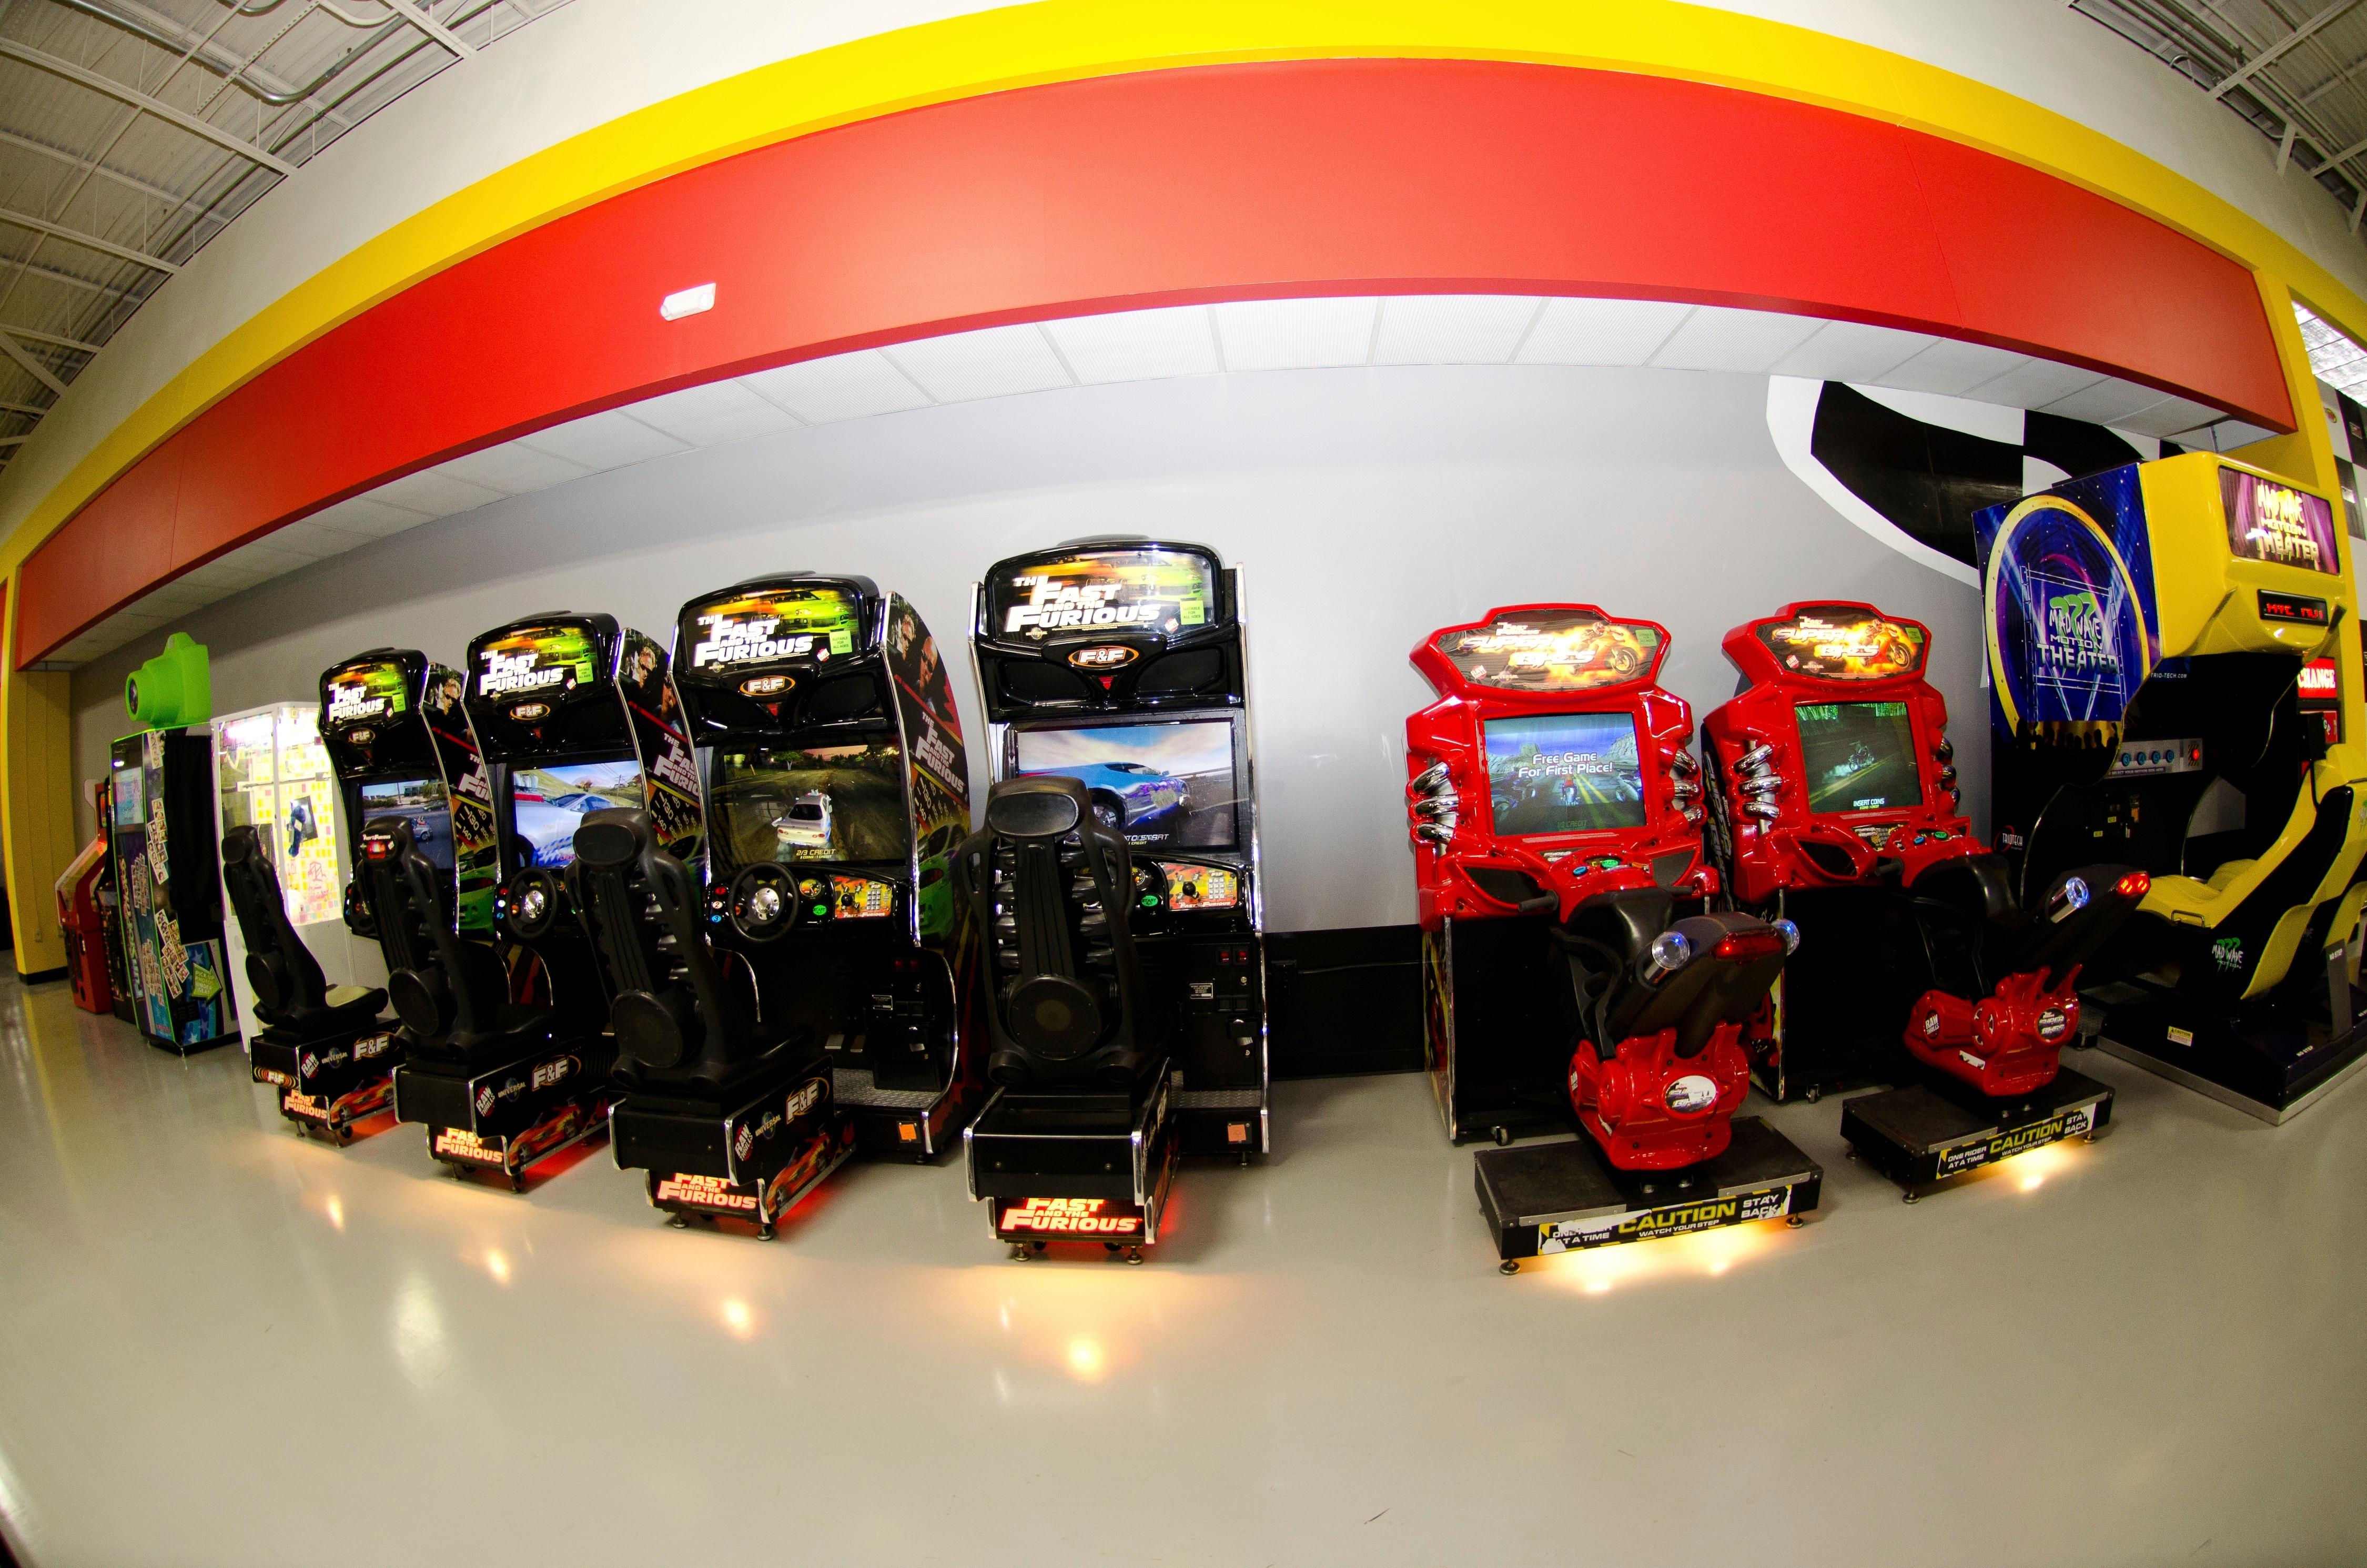 Pole Position Raceway St. Louis image 9